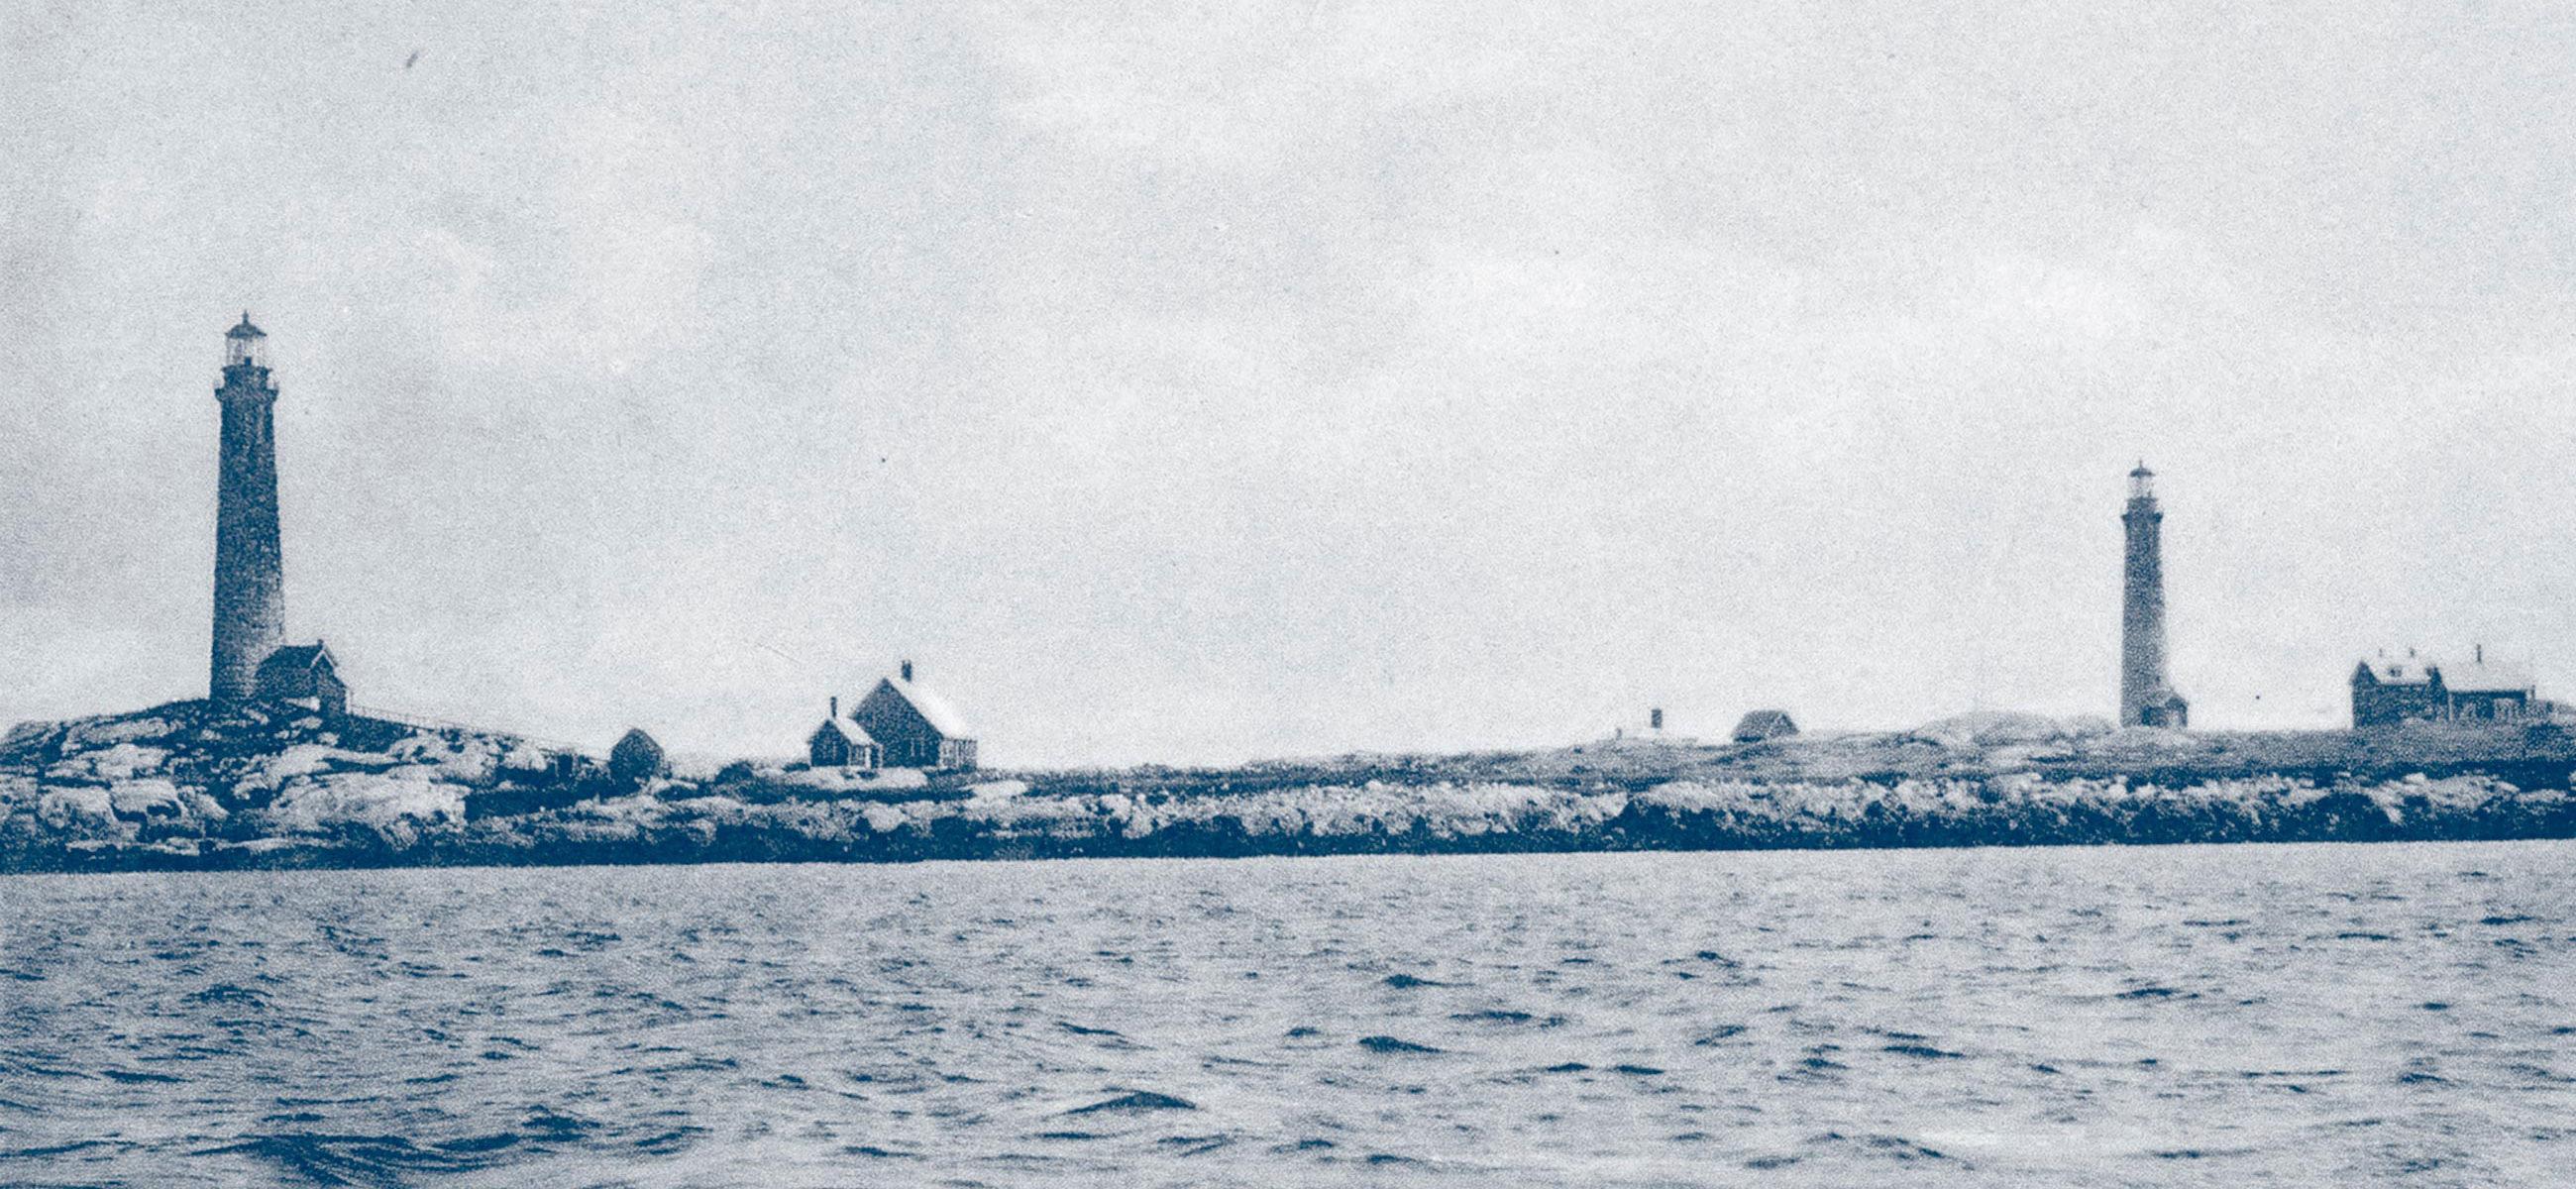 Thacher Island